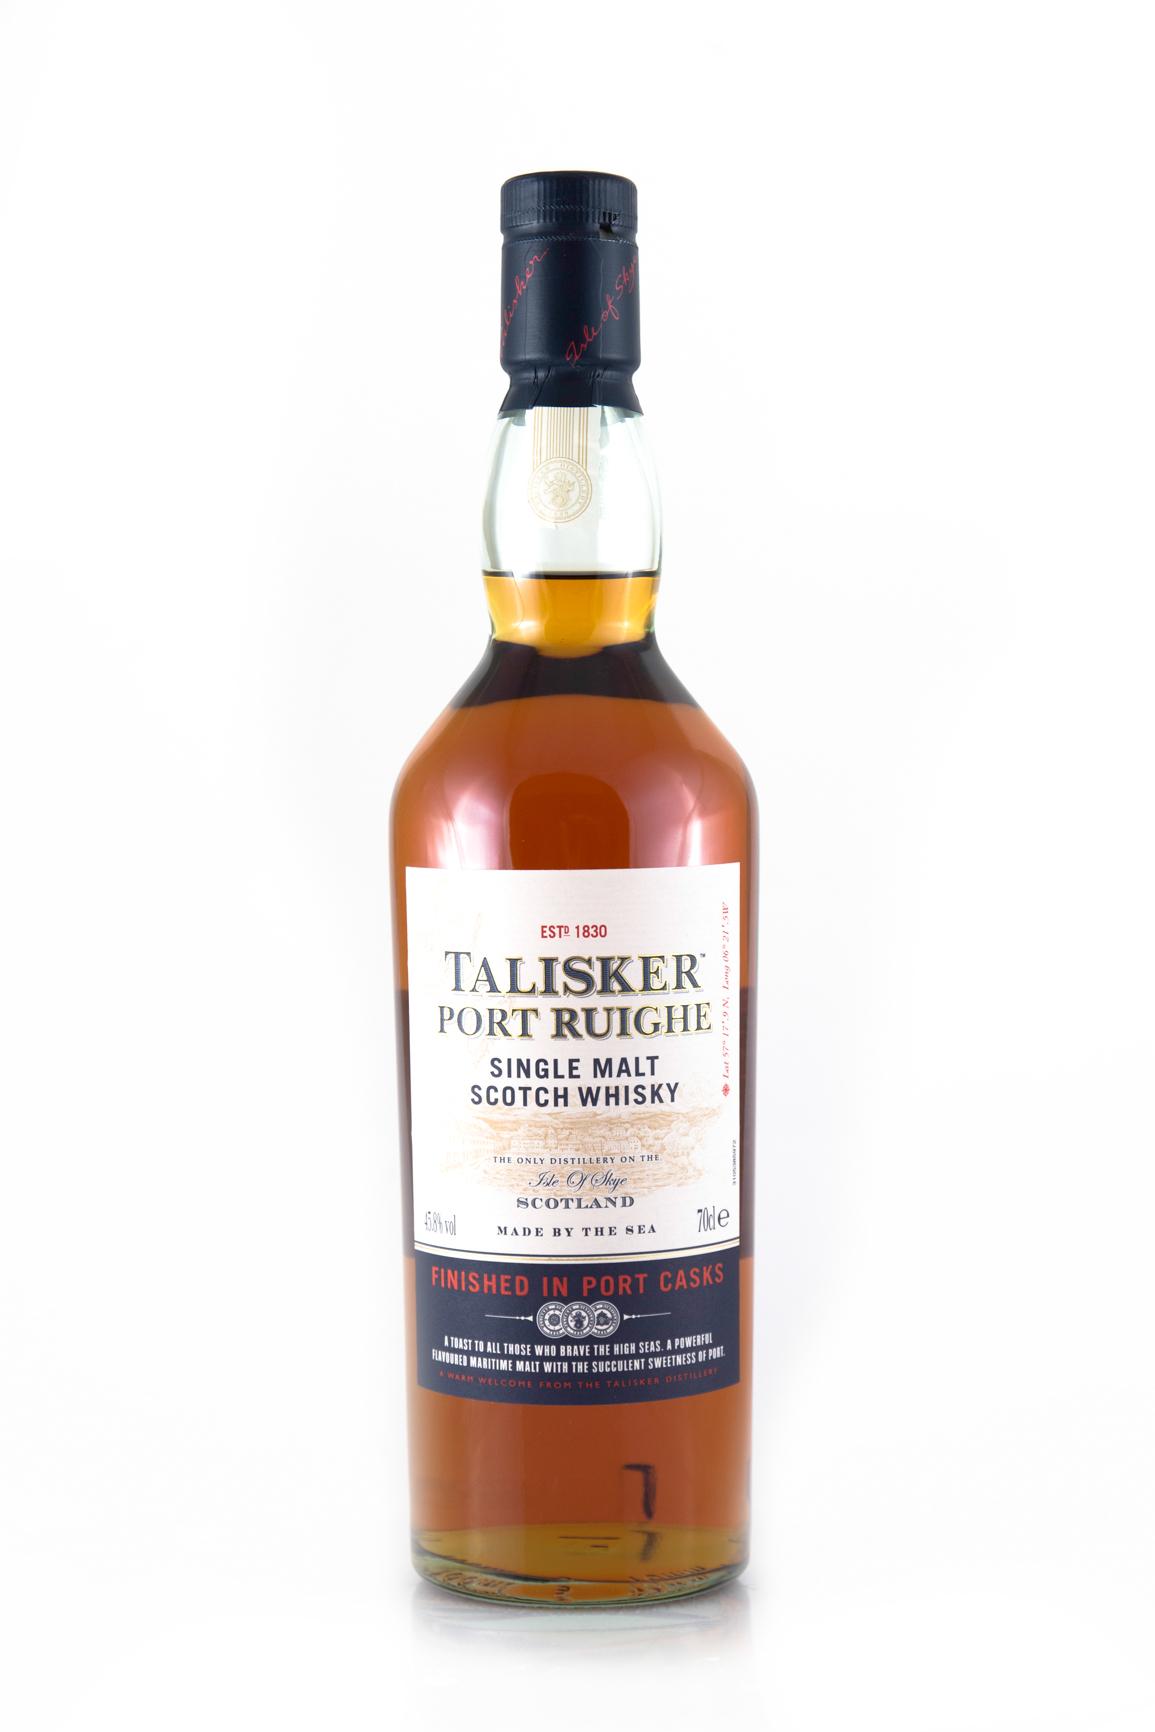 talisker port ruighe single malt scotch whisky kaufen ab 40 82 eur im single malt scotch whisky. Black Bedroom Furniture Sets. Home Design Ideas